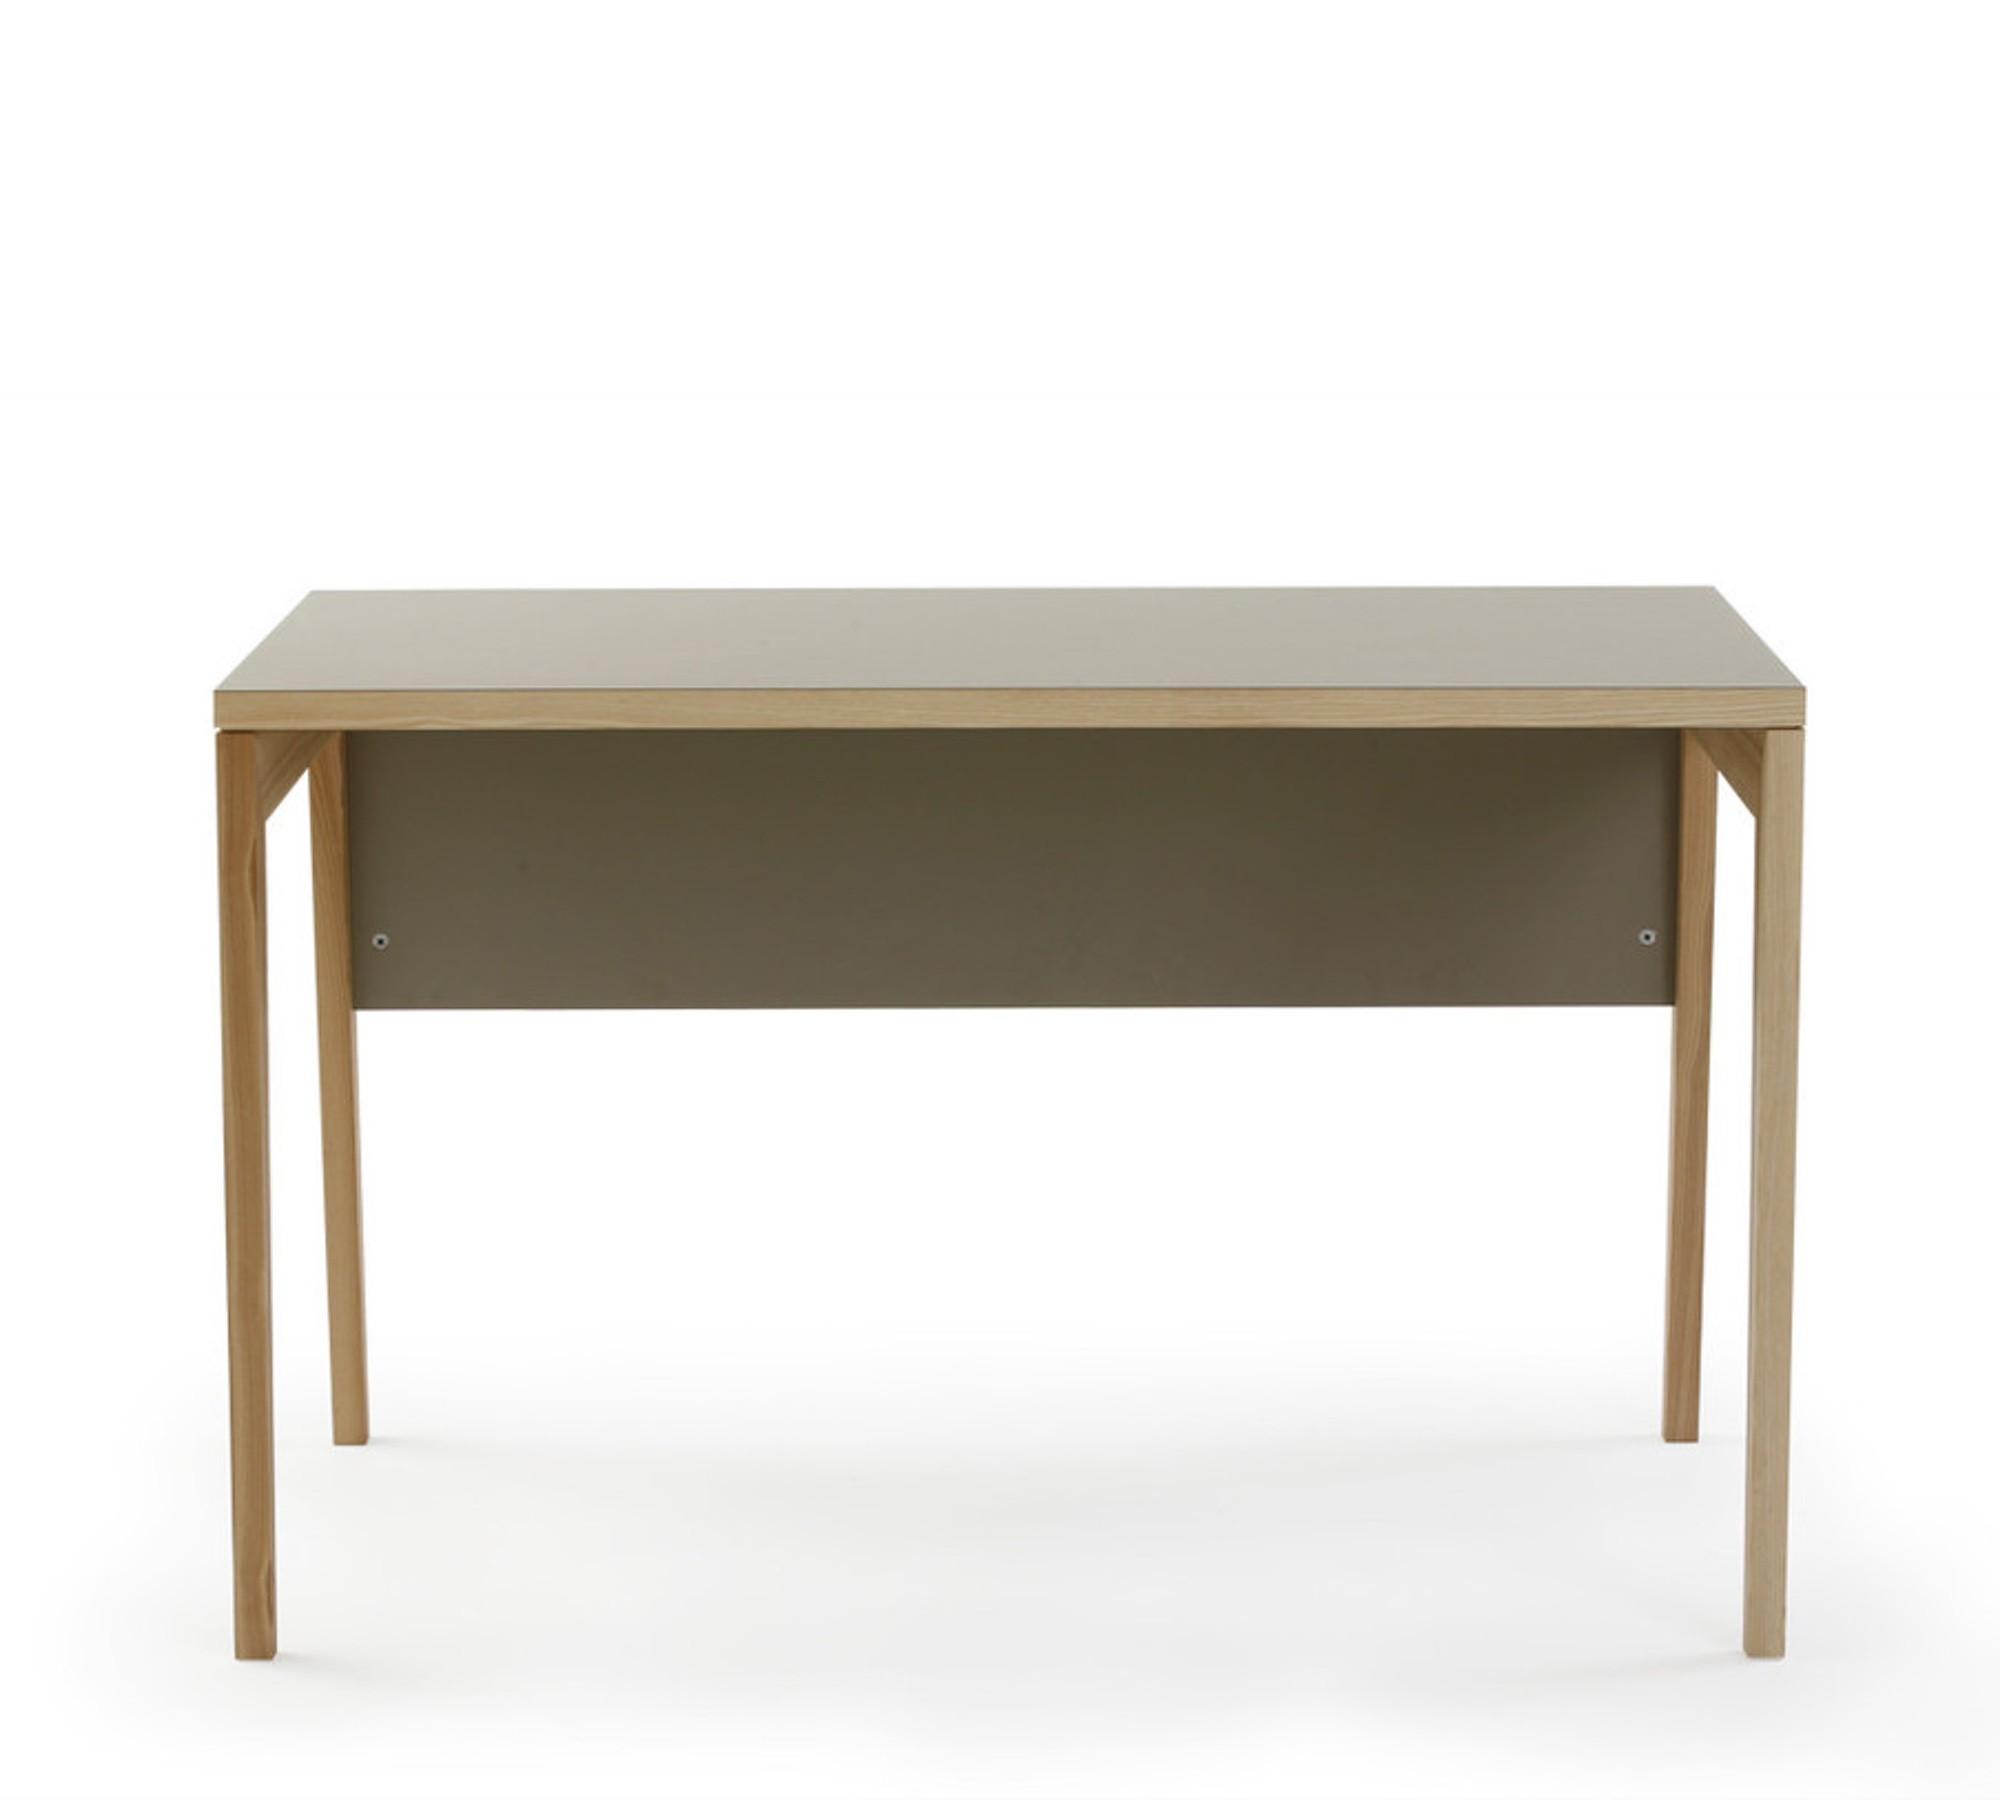 Mint design schreibtisch m2300 aus massivholz mit for Schreibtisch aus echtholz